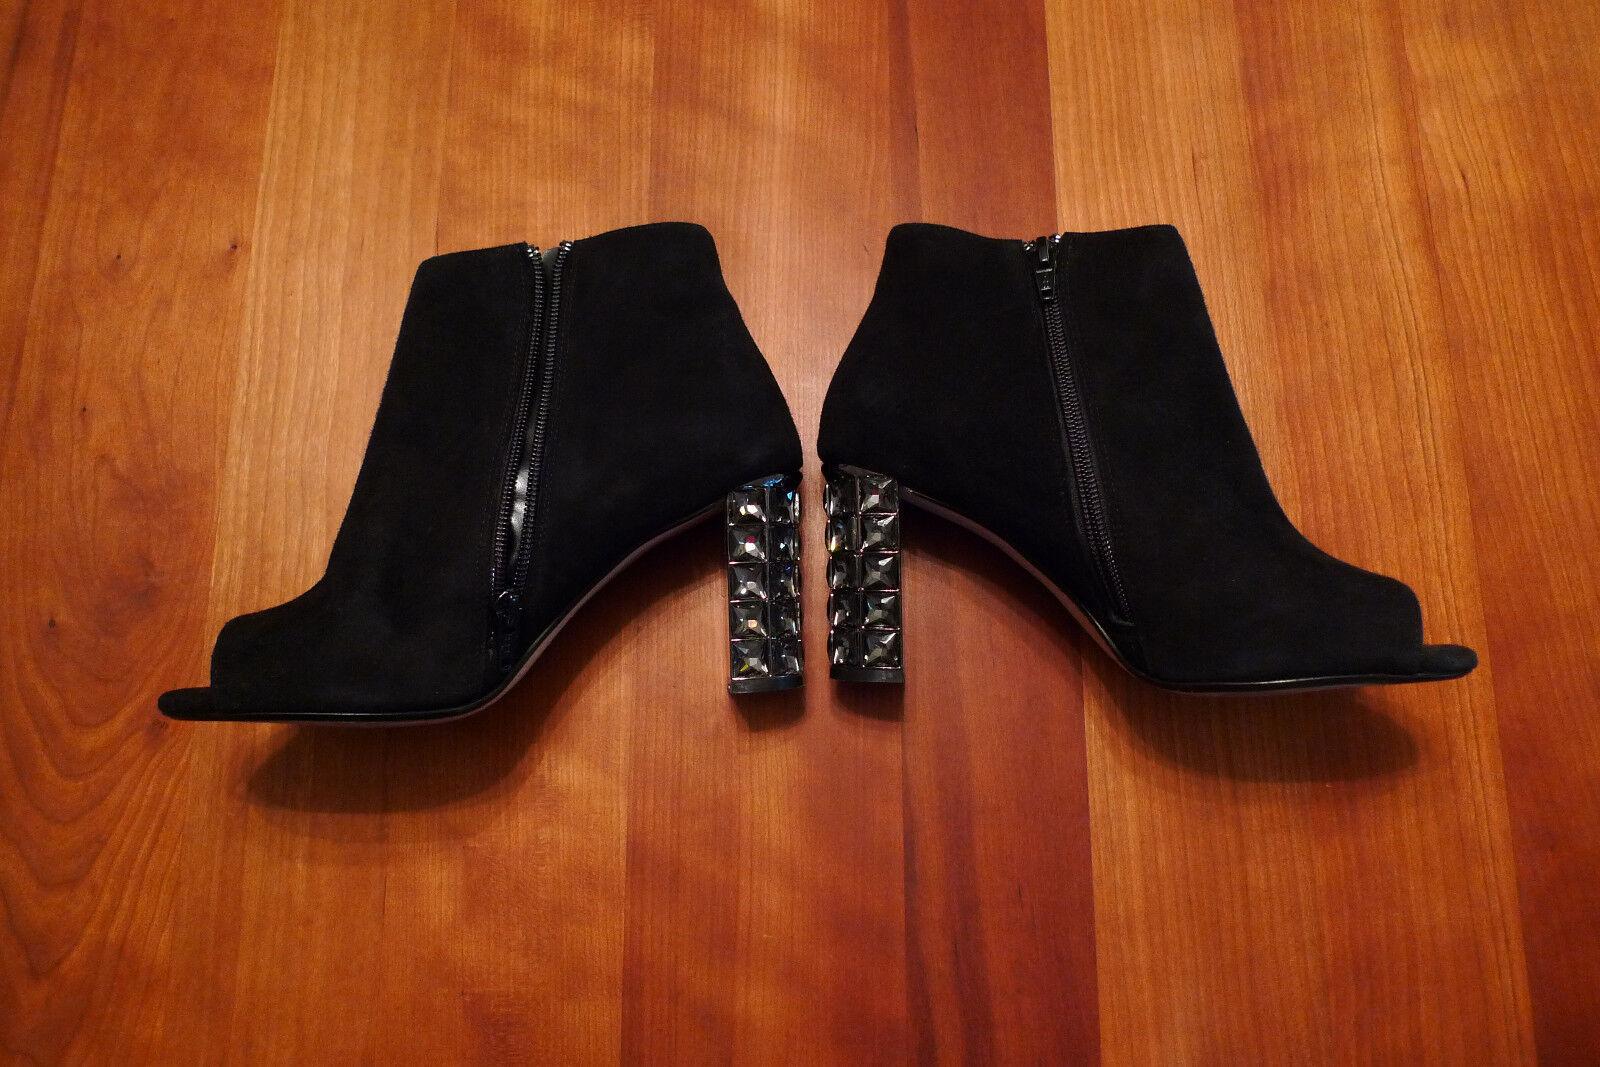 Edle schwarze Stiefeletten von DUNE LONDON, Gr. 37, 1 x getragen